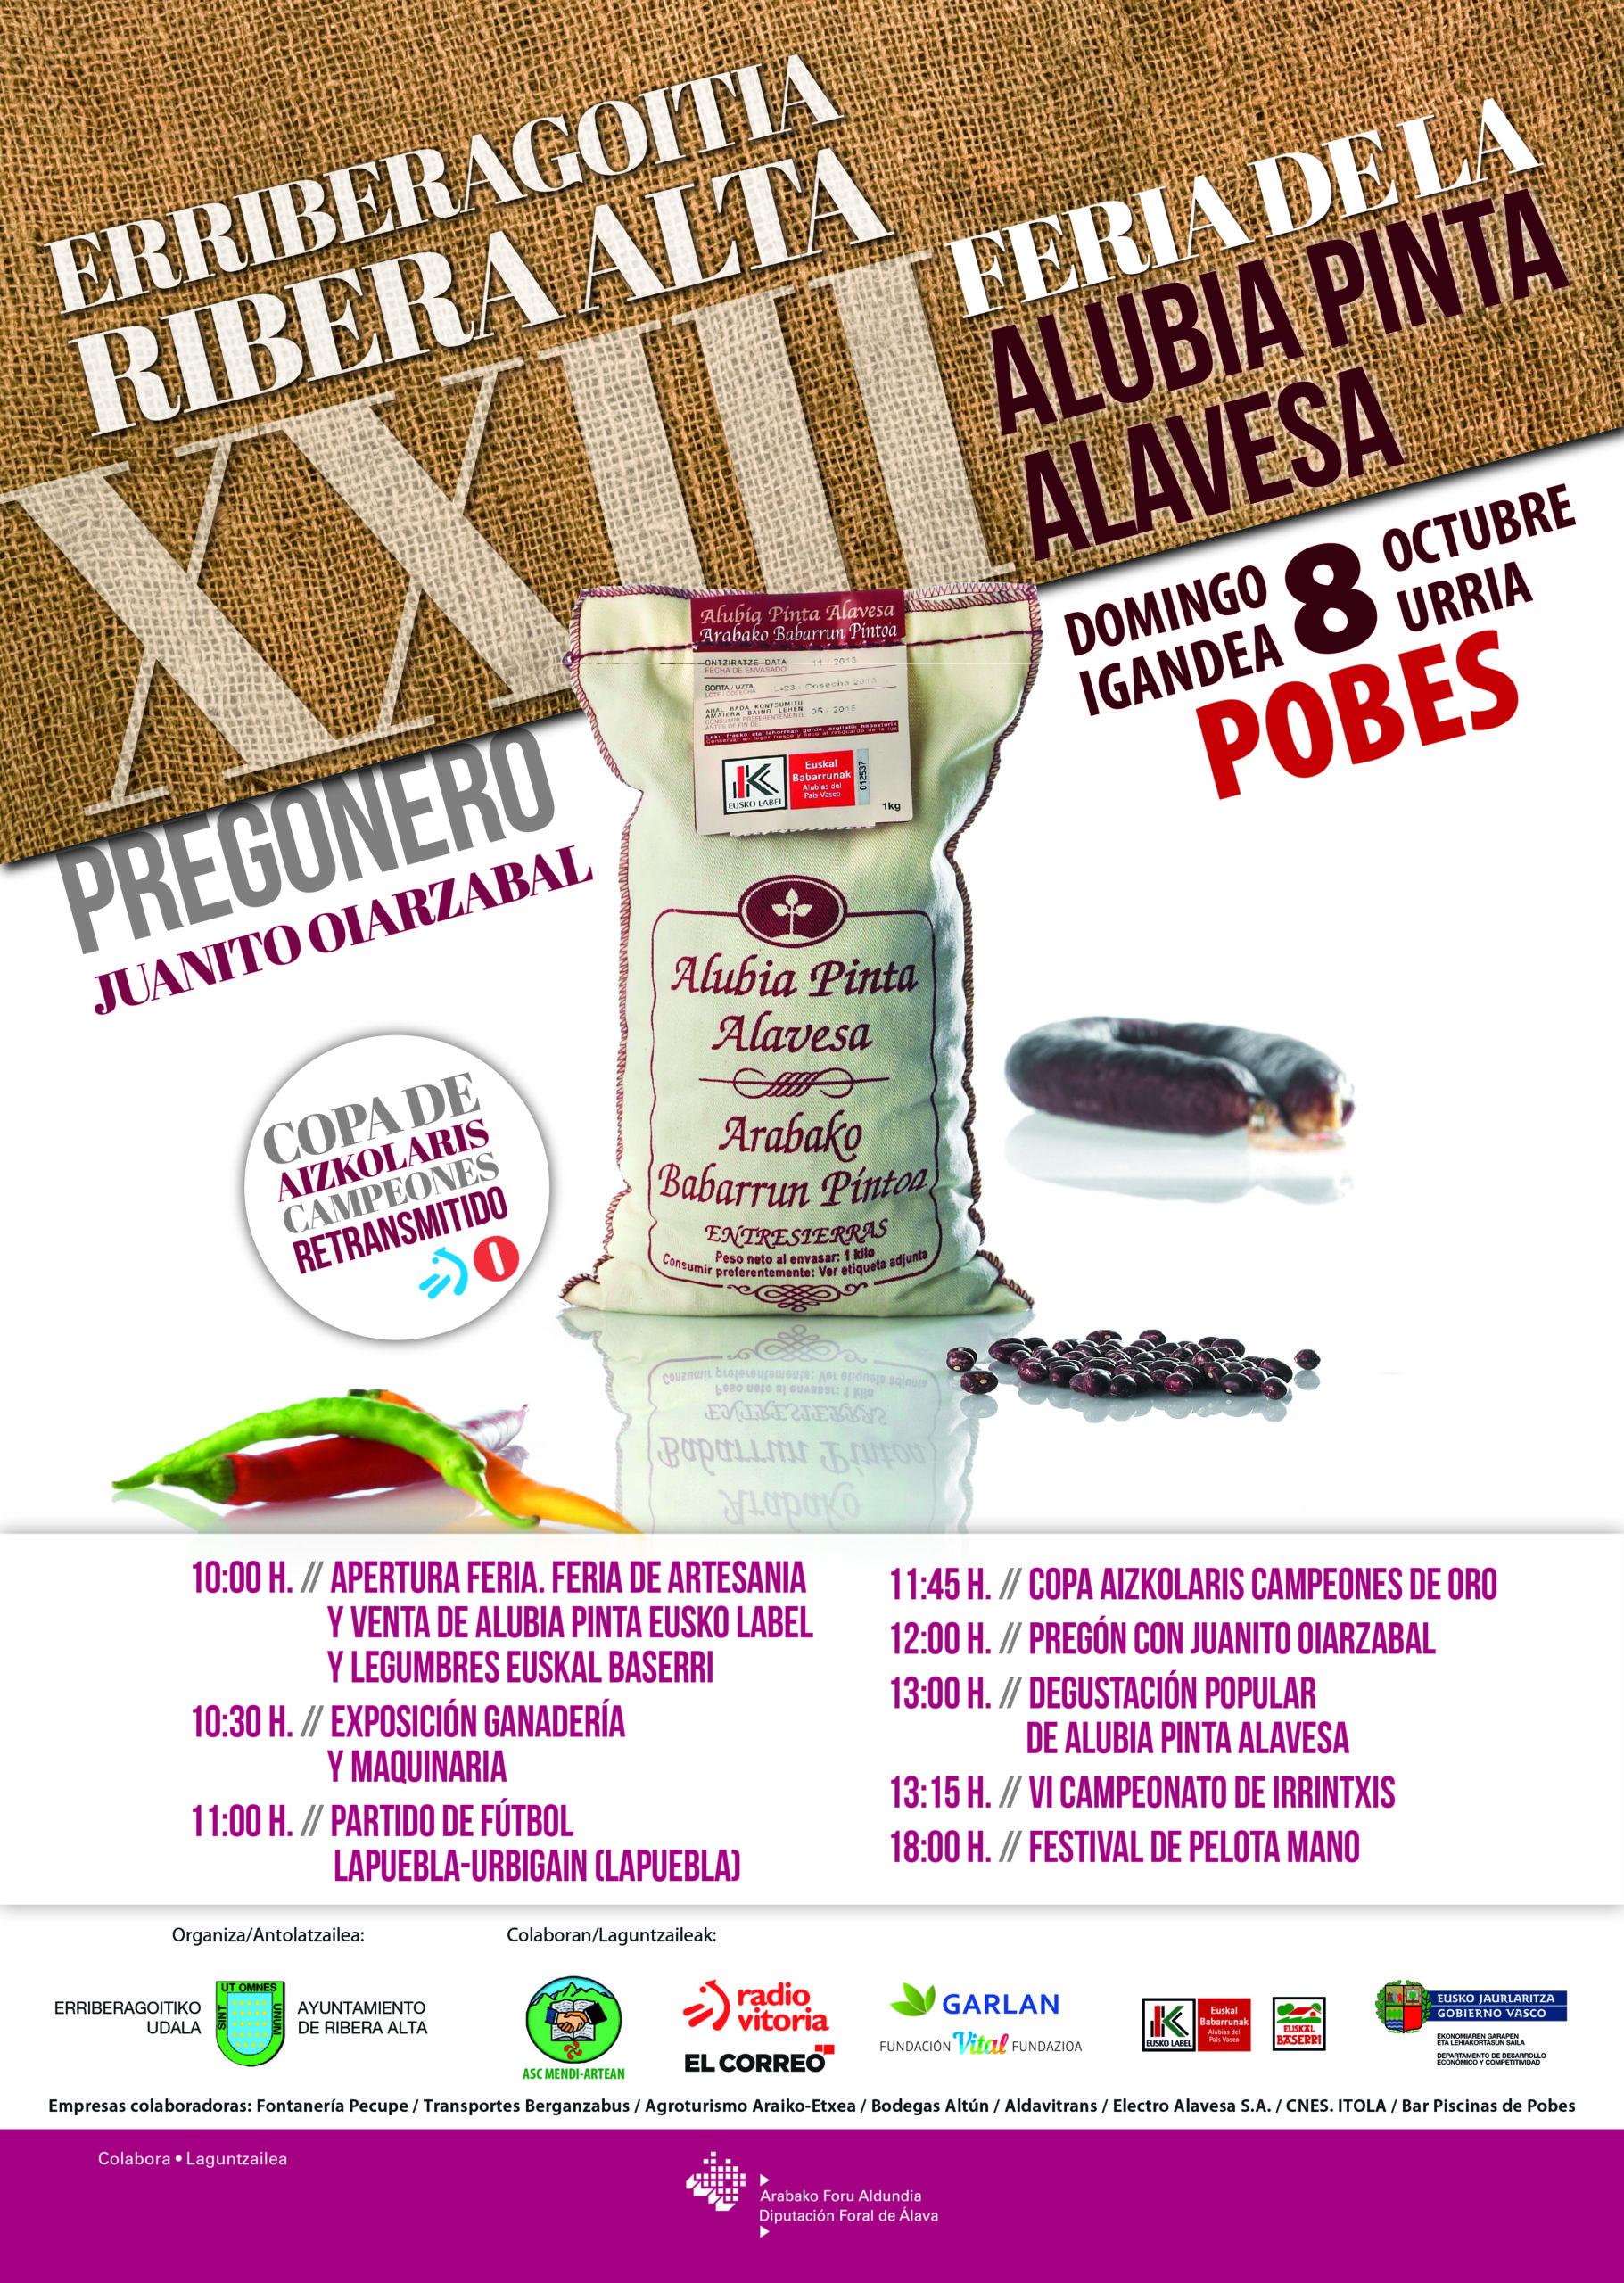 XXIII Feria de la Alubia Pinta Alavesa y legumbres de Álava (Pobes), domingo 8 octubre 2017